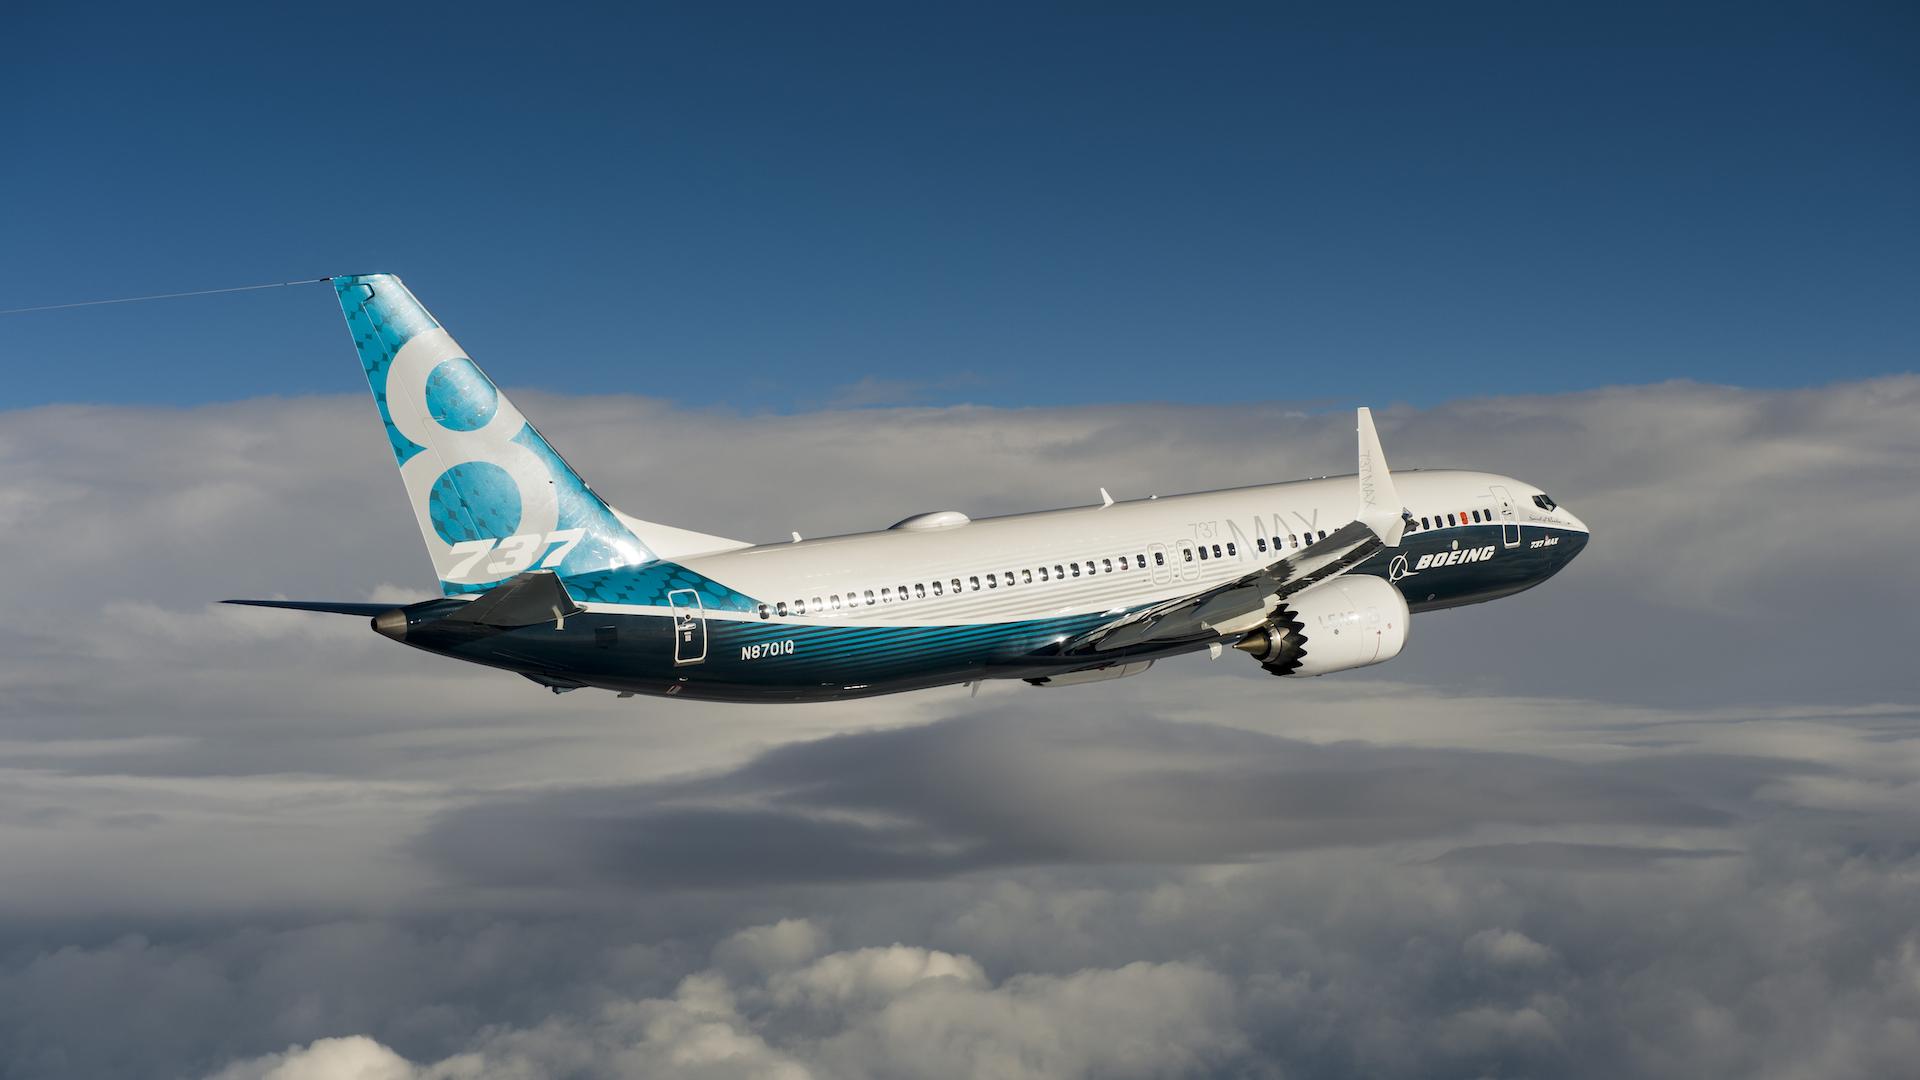 ¿Qué pasa con los Boeing 737 MAX? El mensaje de la empresa